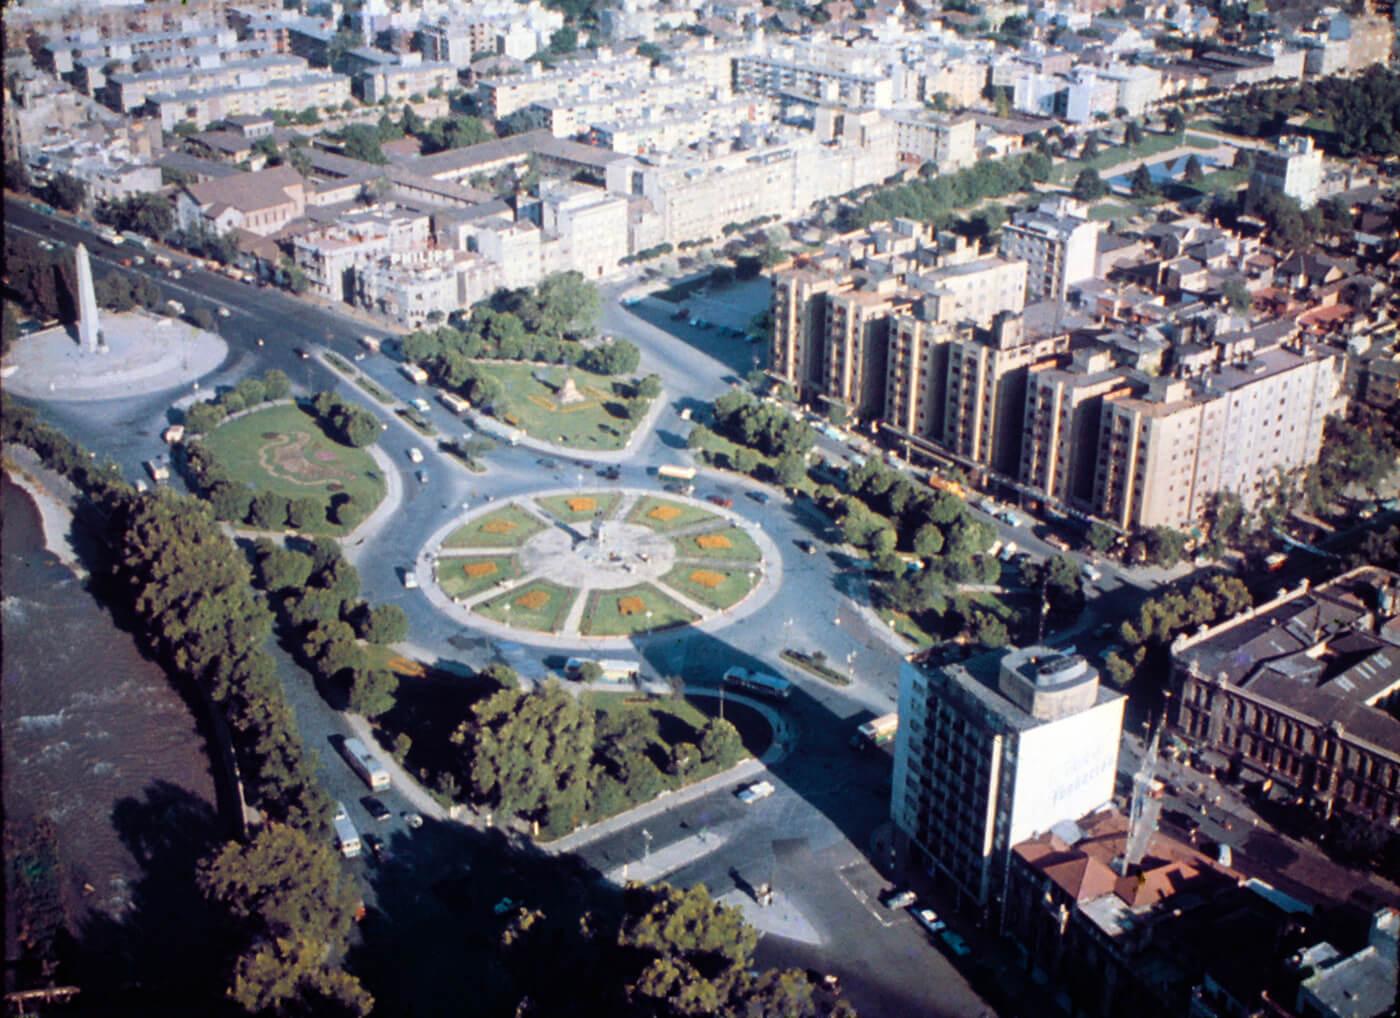 Fotografía aérea de la Plaza Baquedano de Santiago en los años 60s